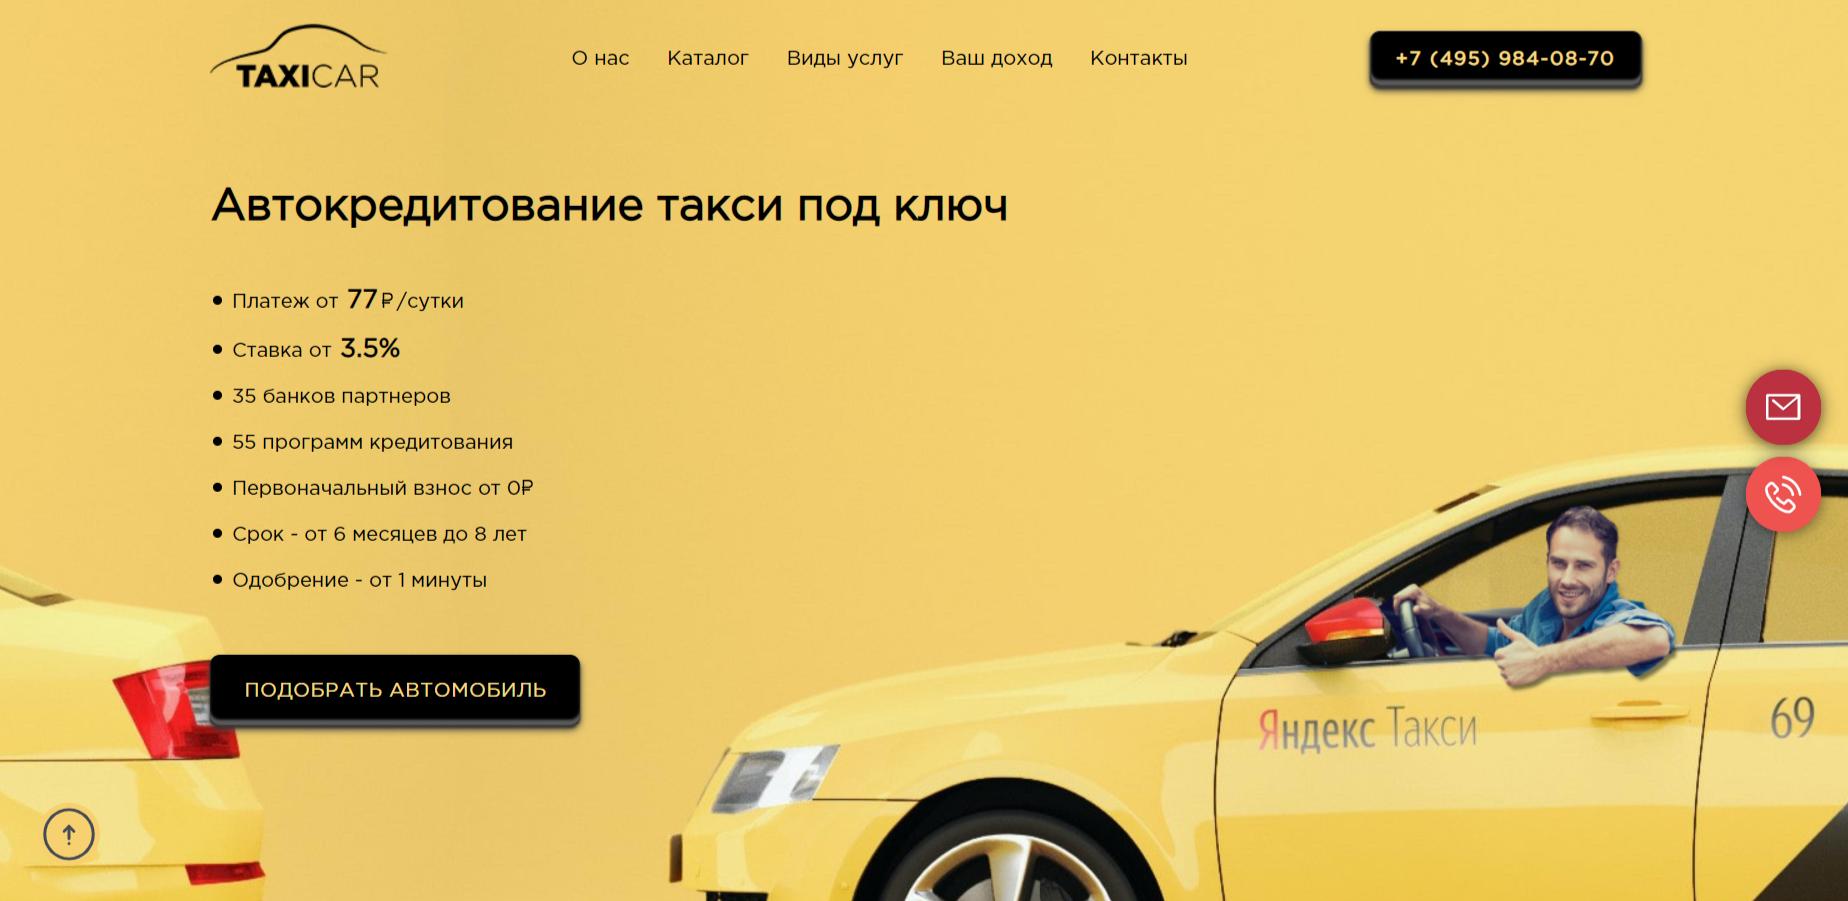 TaxiCar